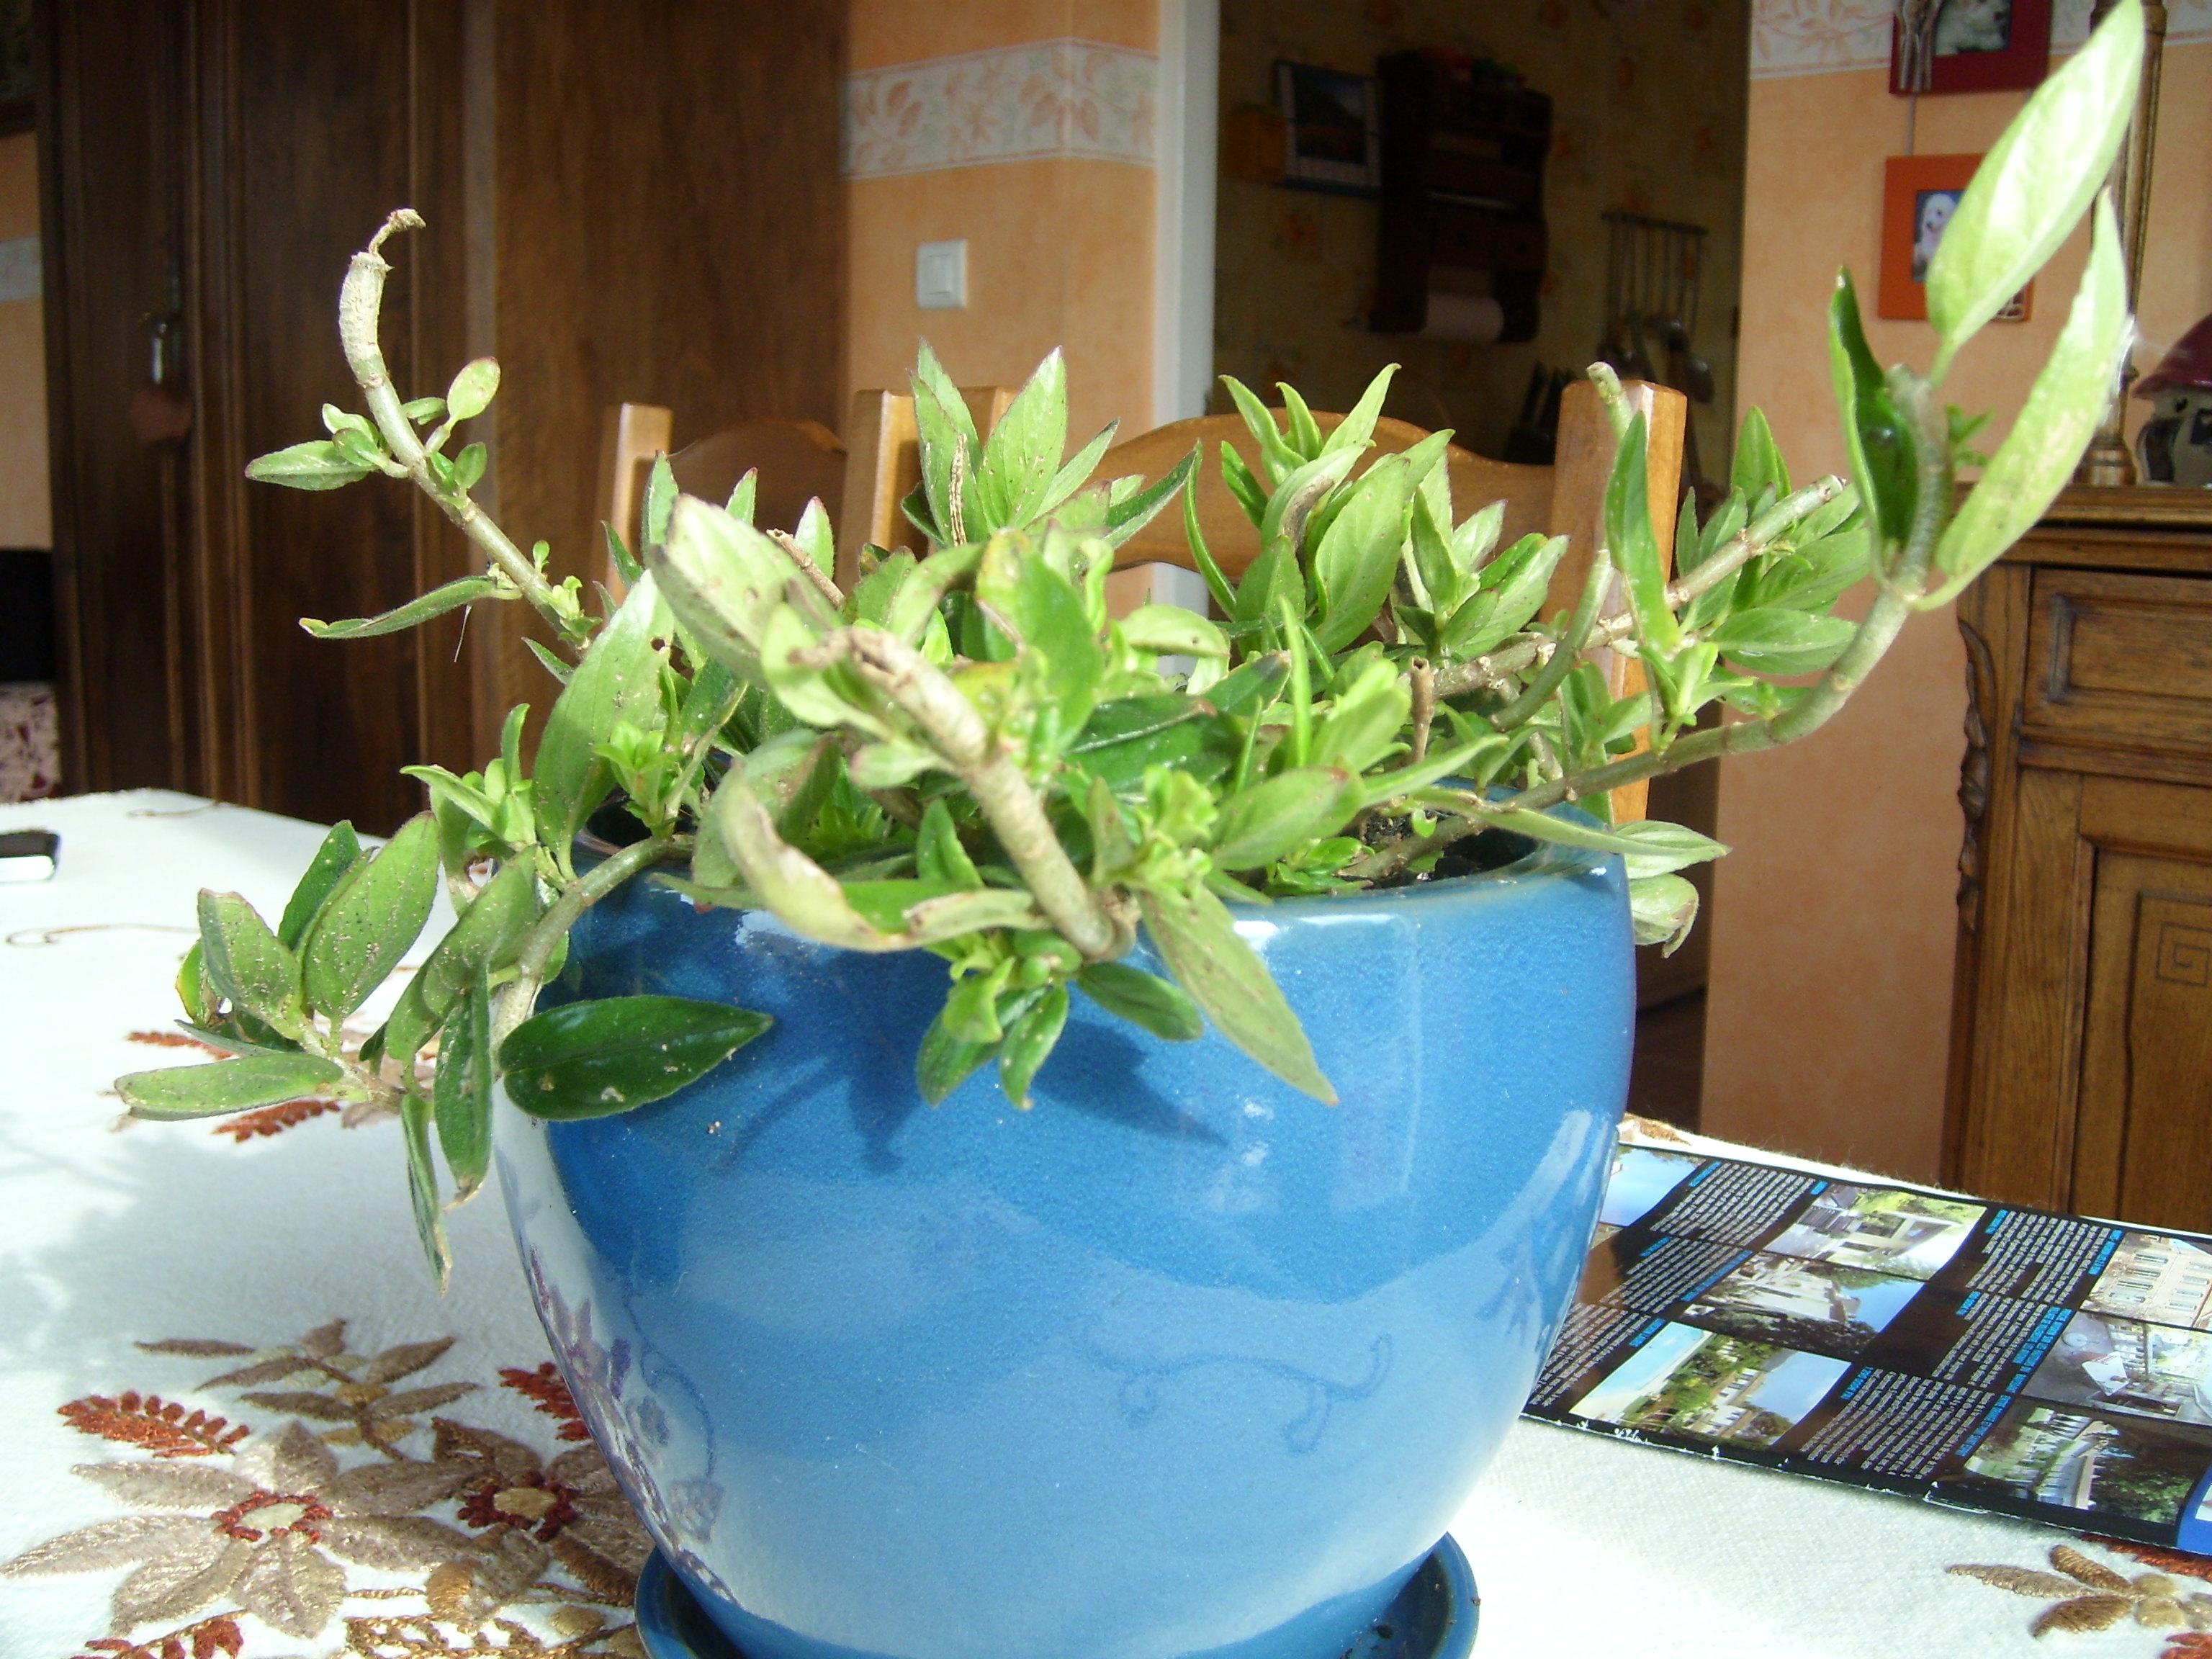 Recherche nom de plante verte - Au jardin, forum de jardinage